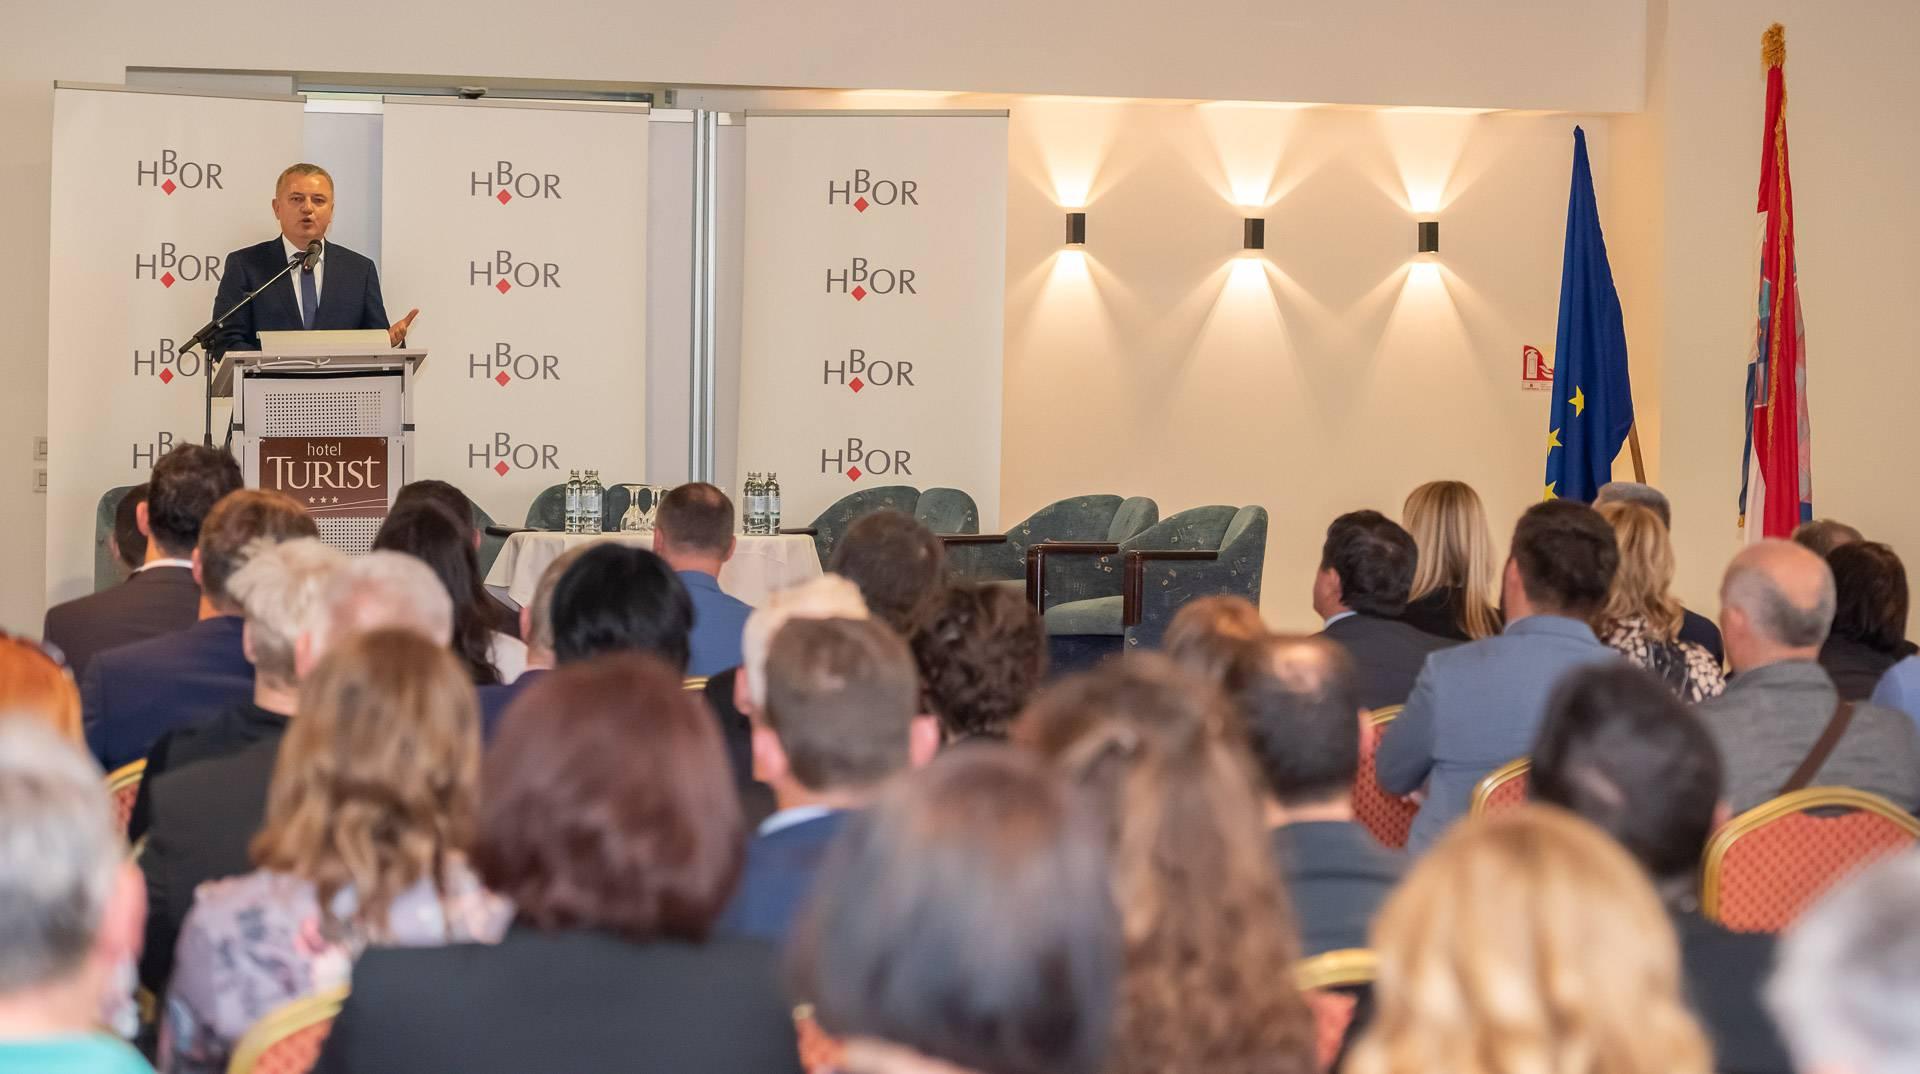 Otvoren ured HBOR-a zadužen za Sjeverozapadnu Hrvatsku